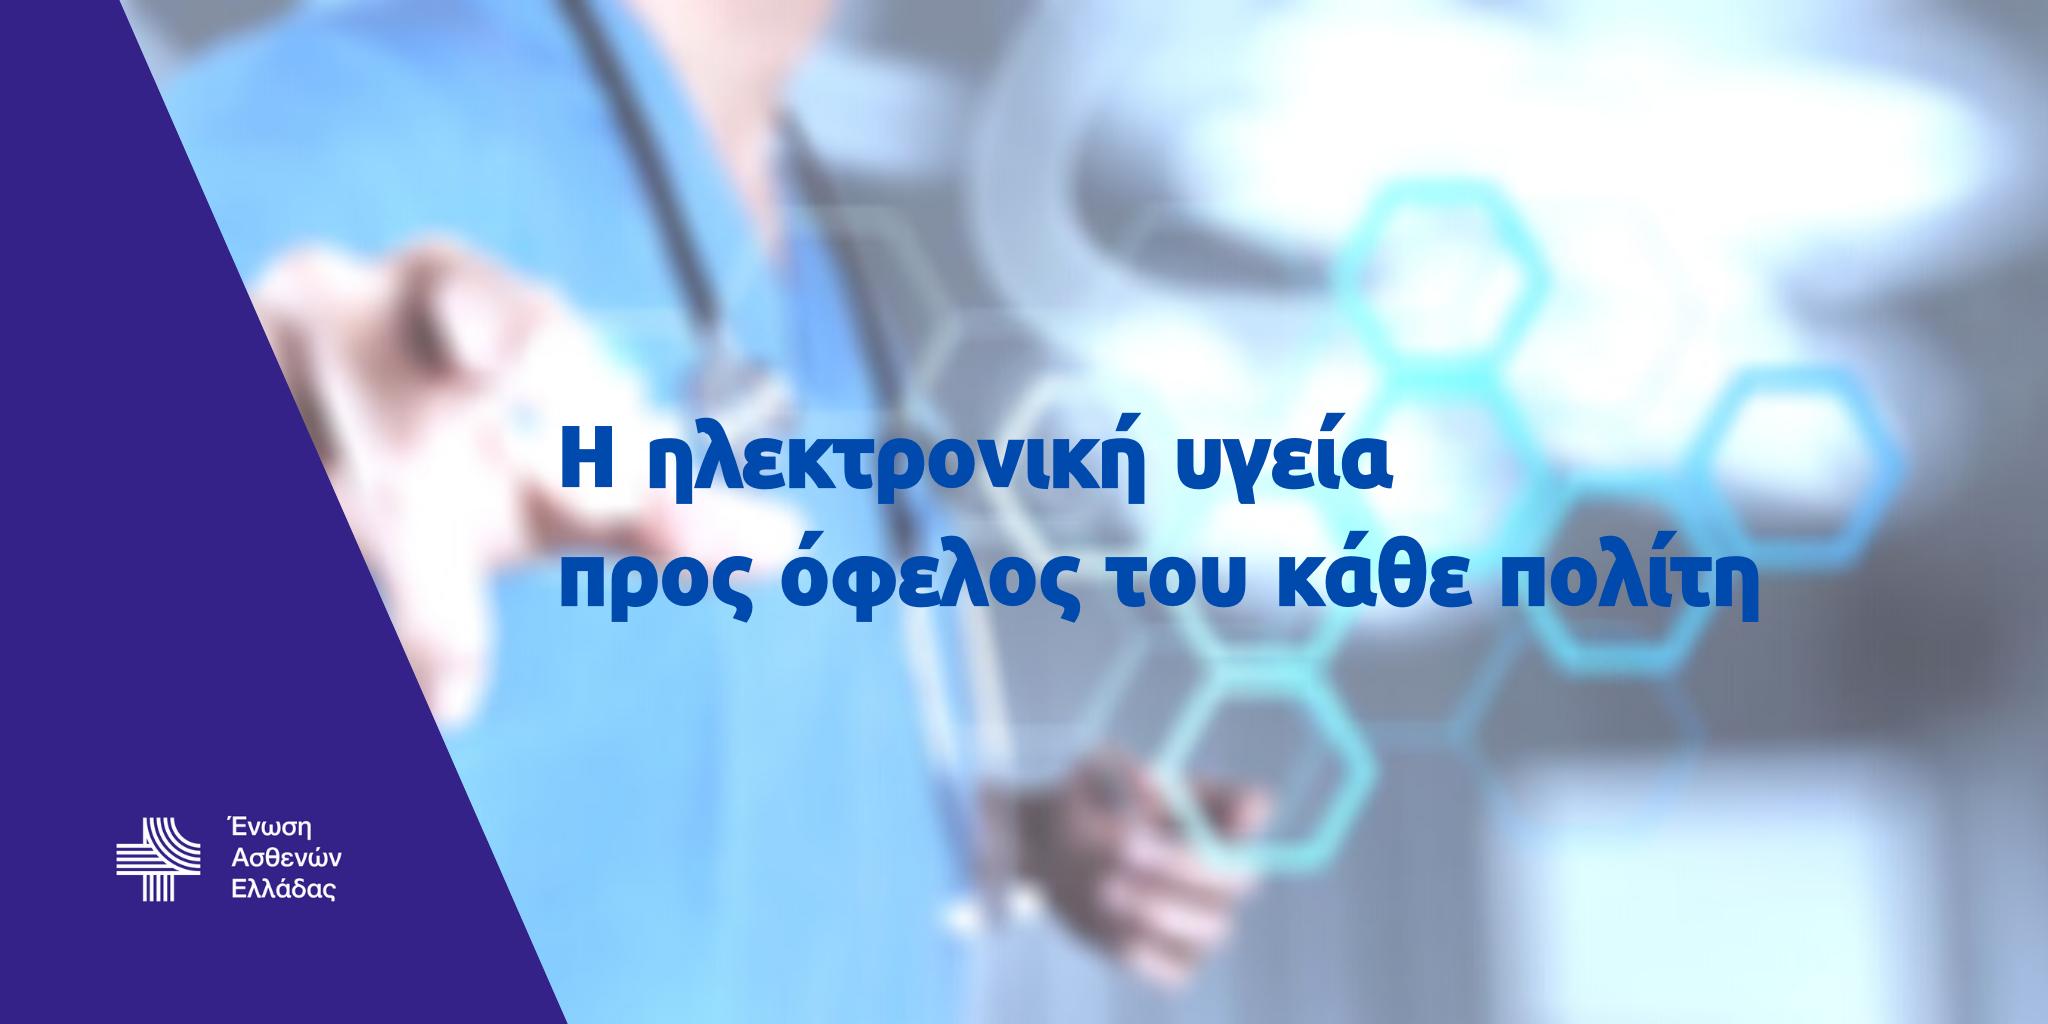 Η ηλεκτρονική υγεία ως προϋπόθεση για την επόμενη ημέρα του υγειονομικού συστήματος